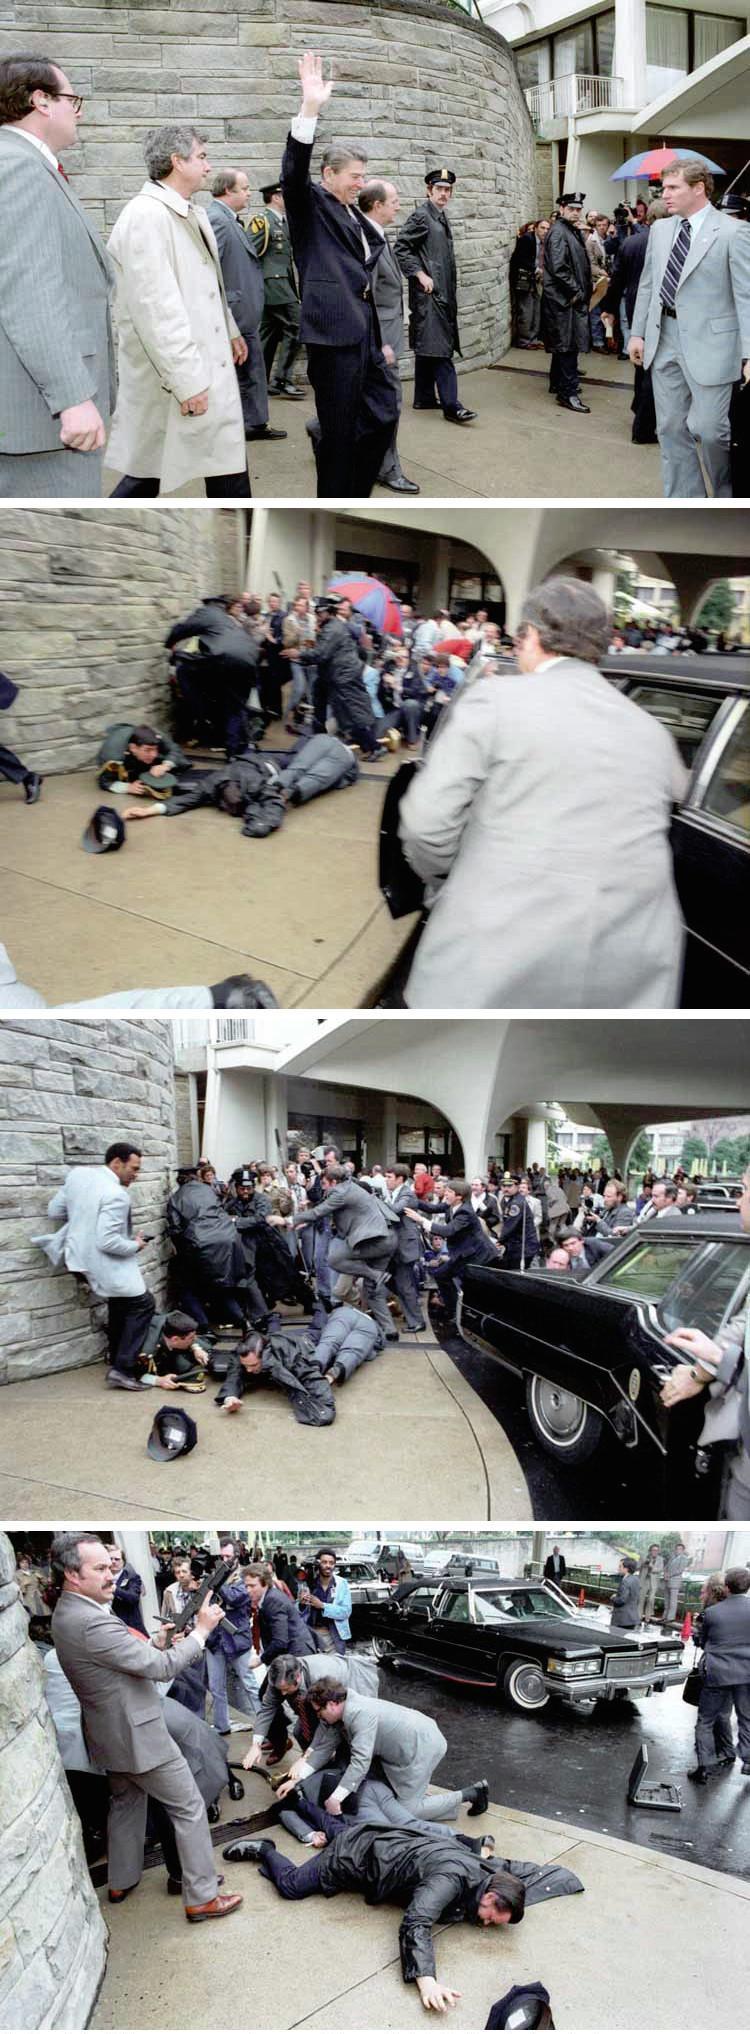 Sequência de imagens captadas durante a tentativa de assassinato de Ronald Reagan, a 390 de Março de 1982